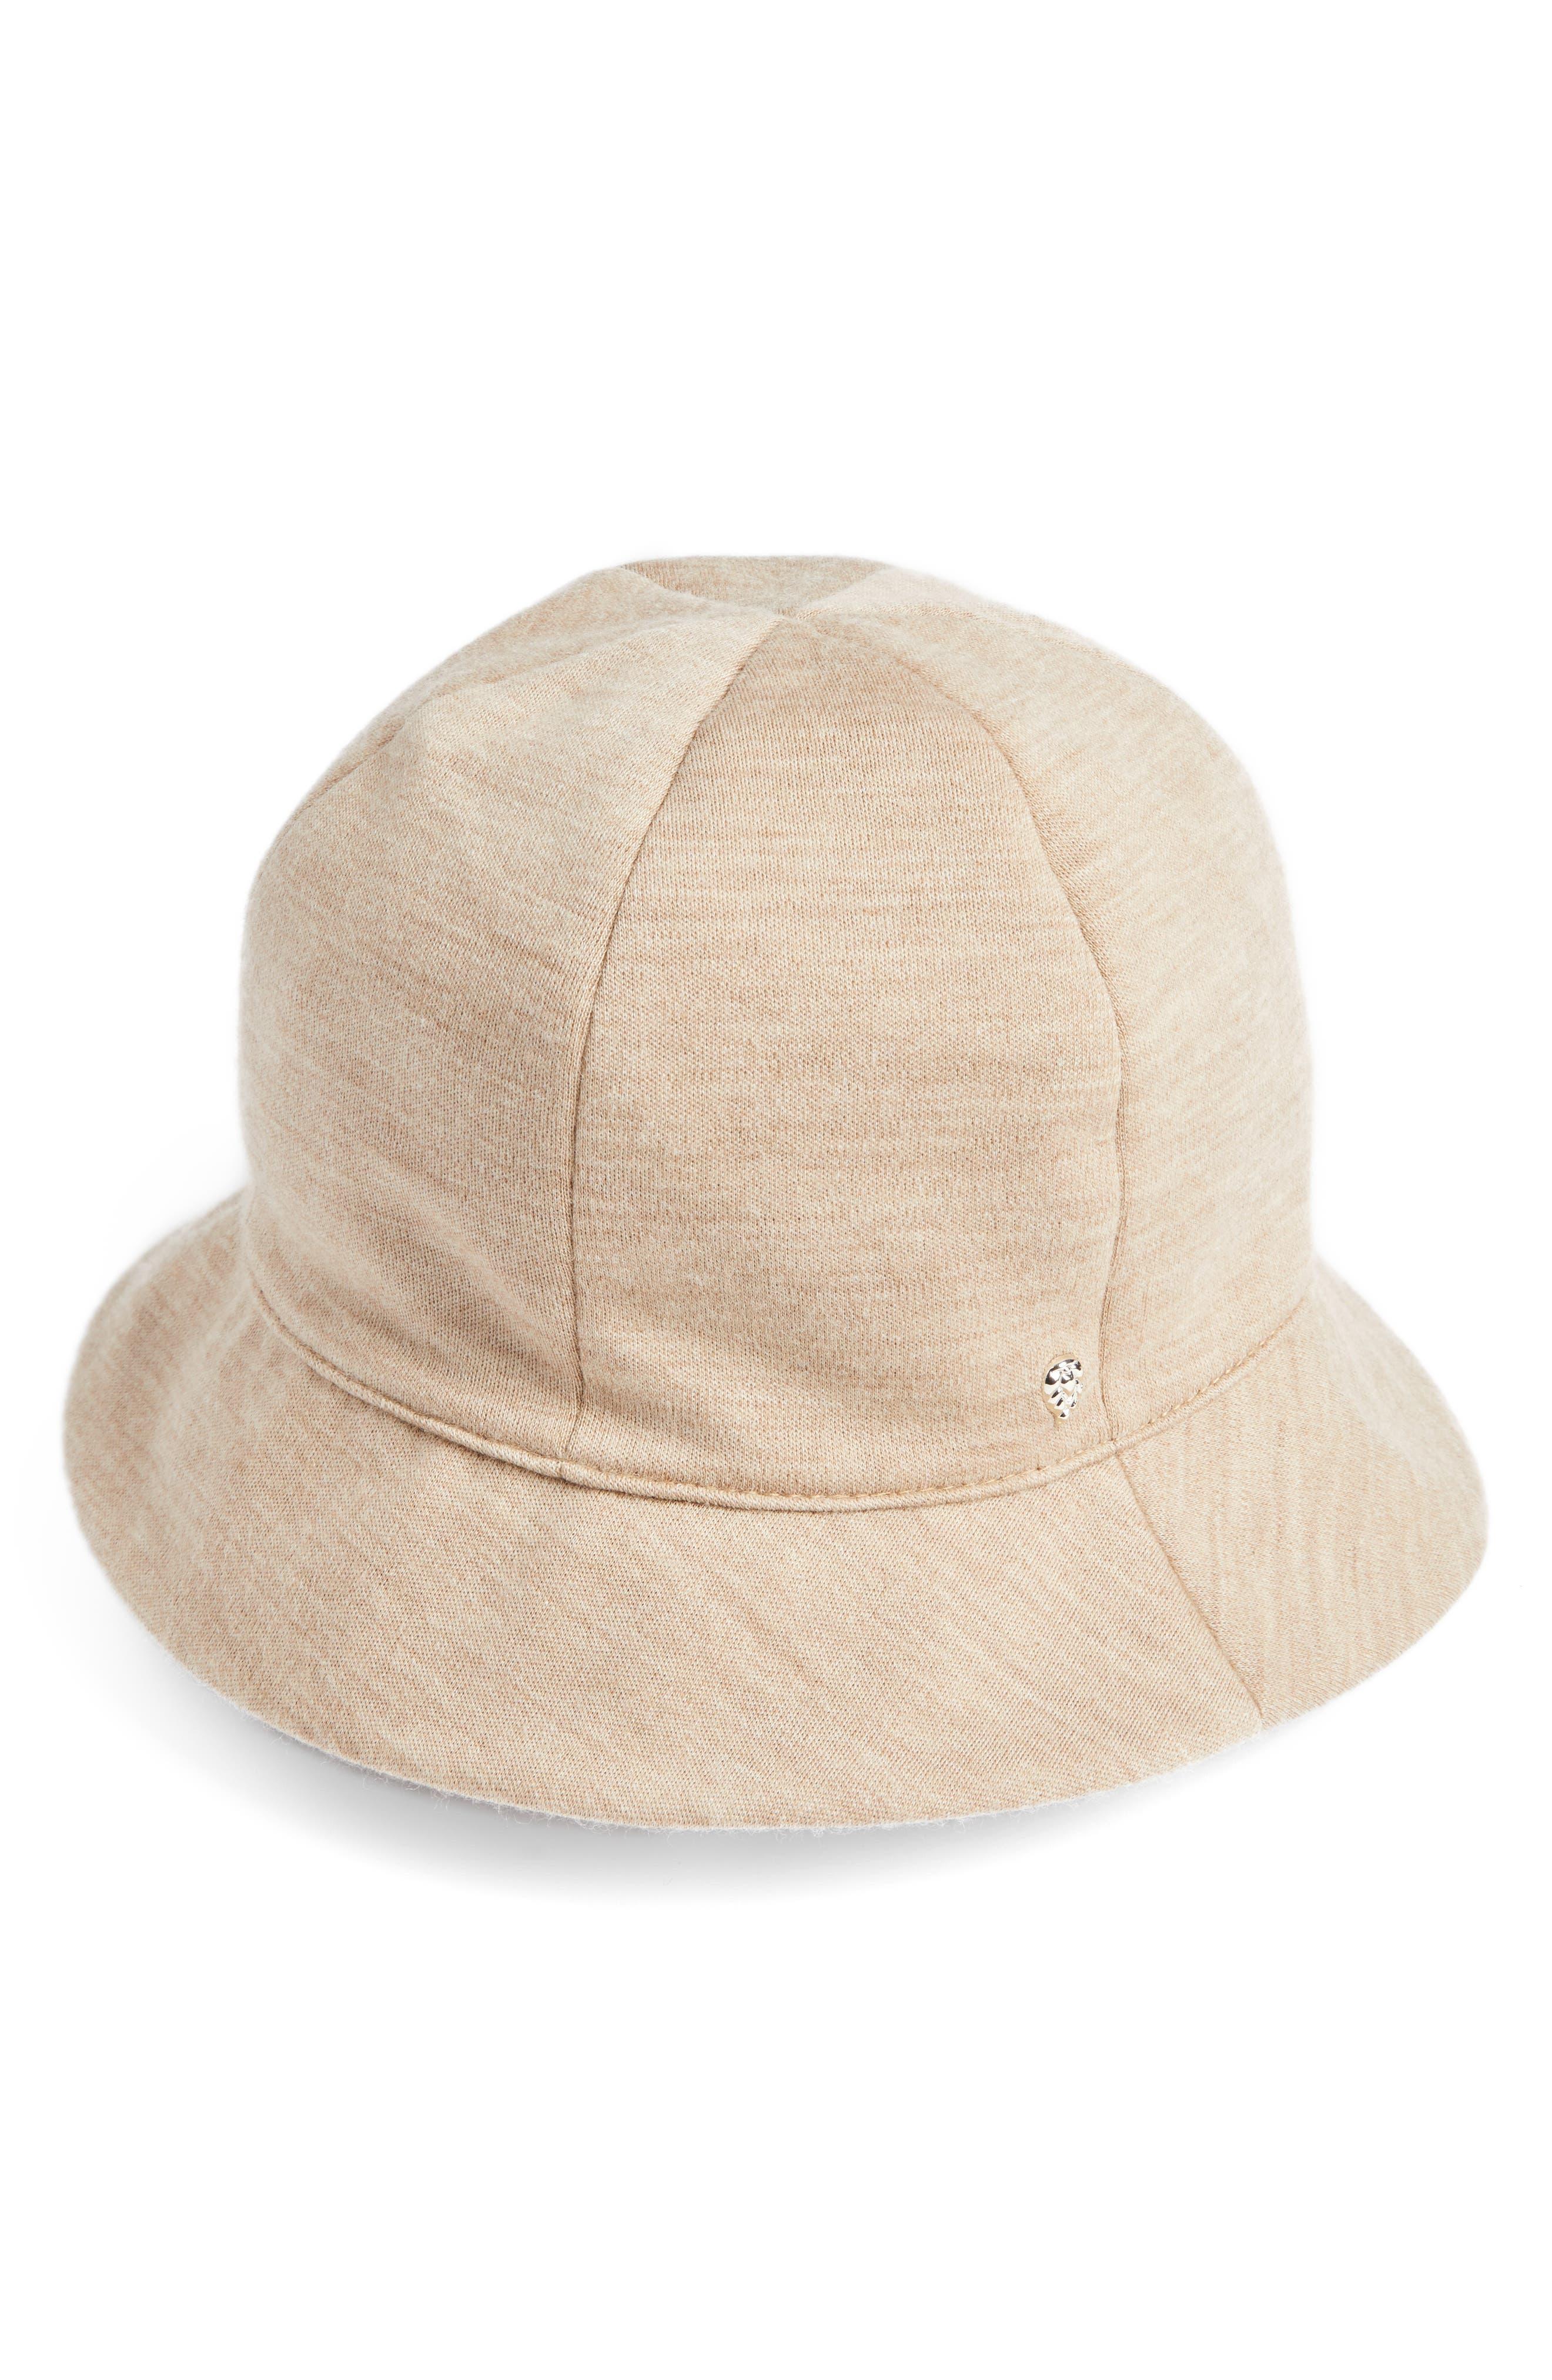 Helen Kaminski Merino Wool Jersey Bucket Hat